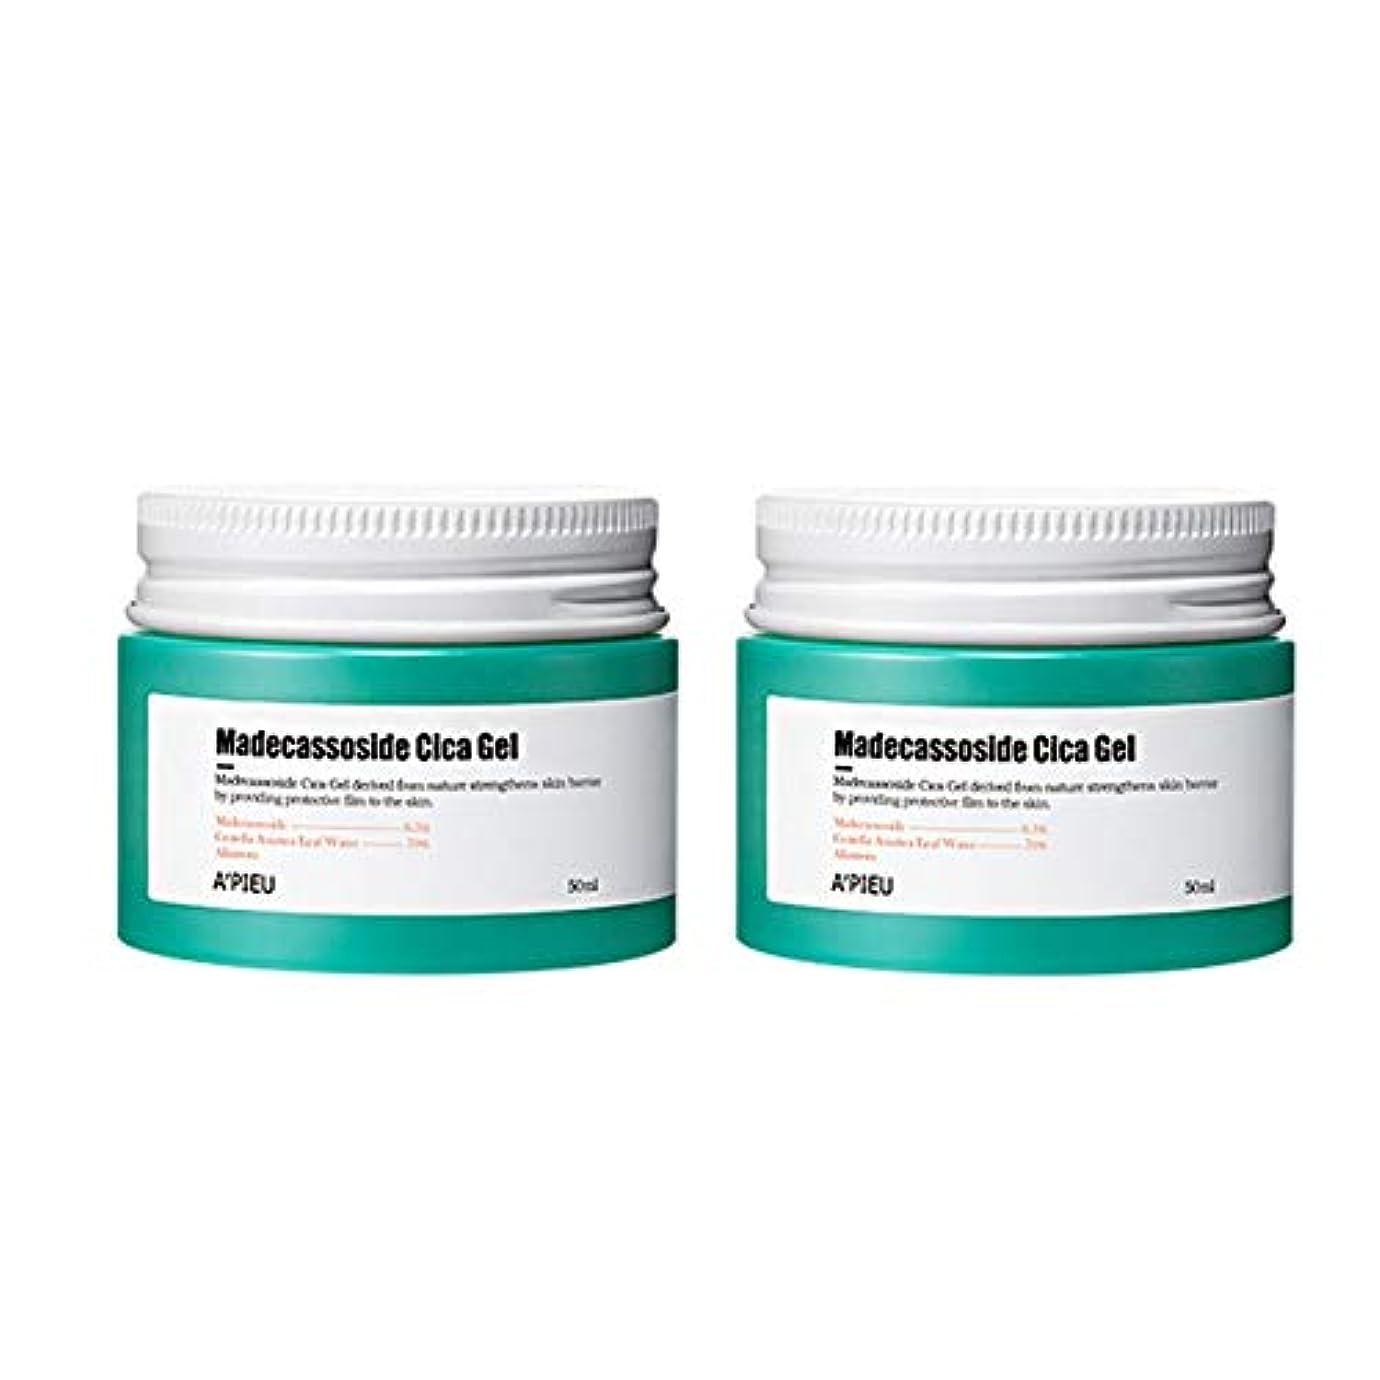 マークされた特殊クライストチャーチオピュマデカソサイドシカゲル50ml x2本セット皮膚の損傷の改善、A'pieu Madecassoside Cica Gel 50ml x 2ea Set Skin Damage Care [並行輸入品]